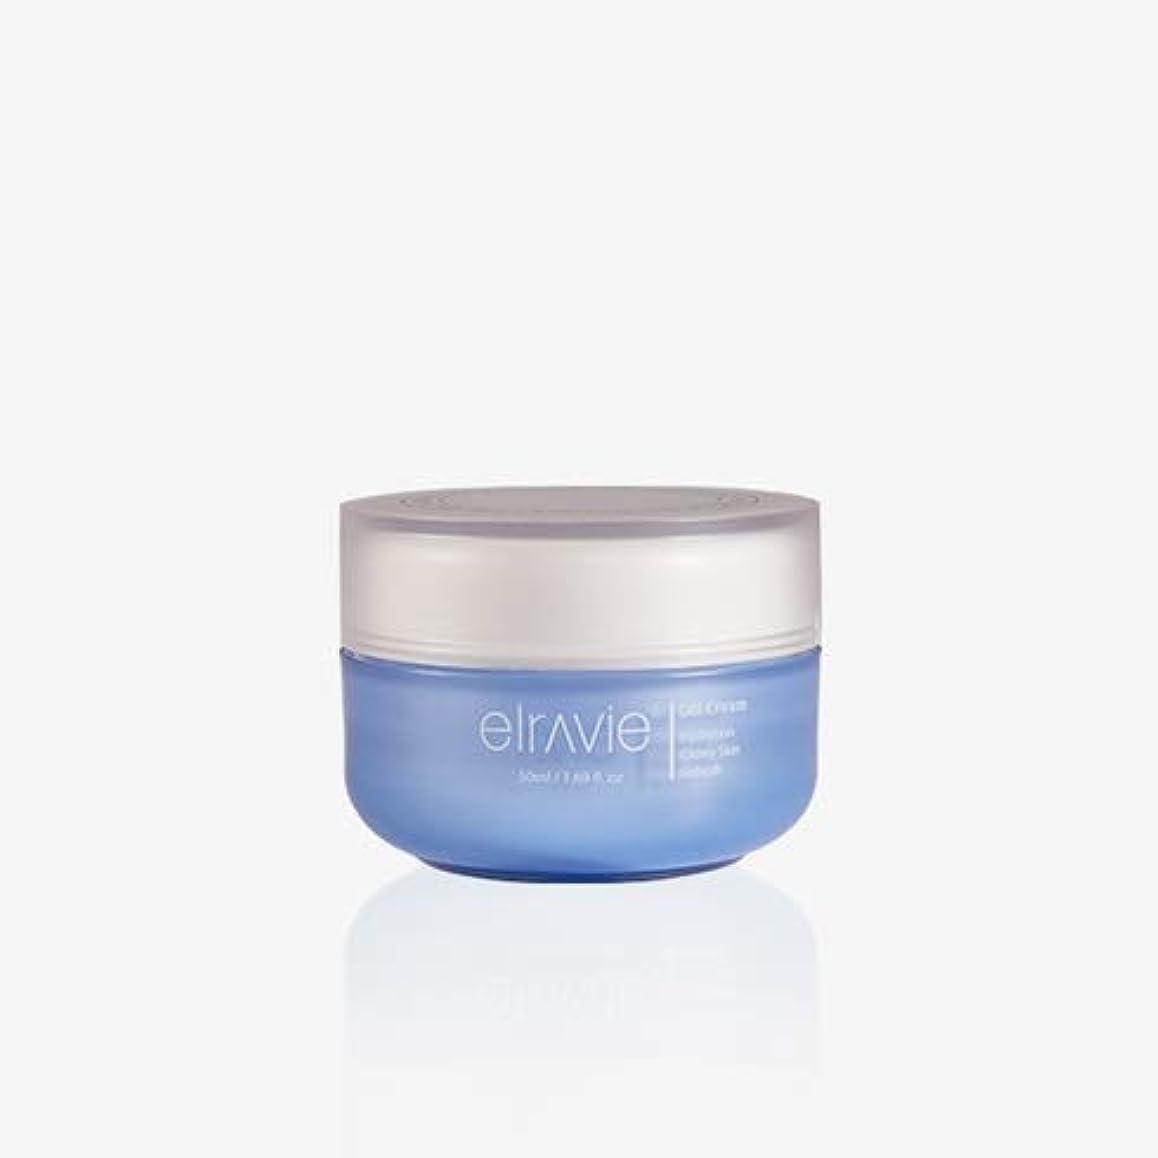 廃止するブランド浪費エラヴィー[Elravie] ダーマハイドロエクステンデッドハイジェルクリーム50ml / Derma Hydro Extended Hyal Gel Cream